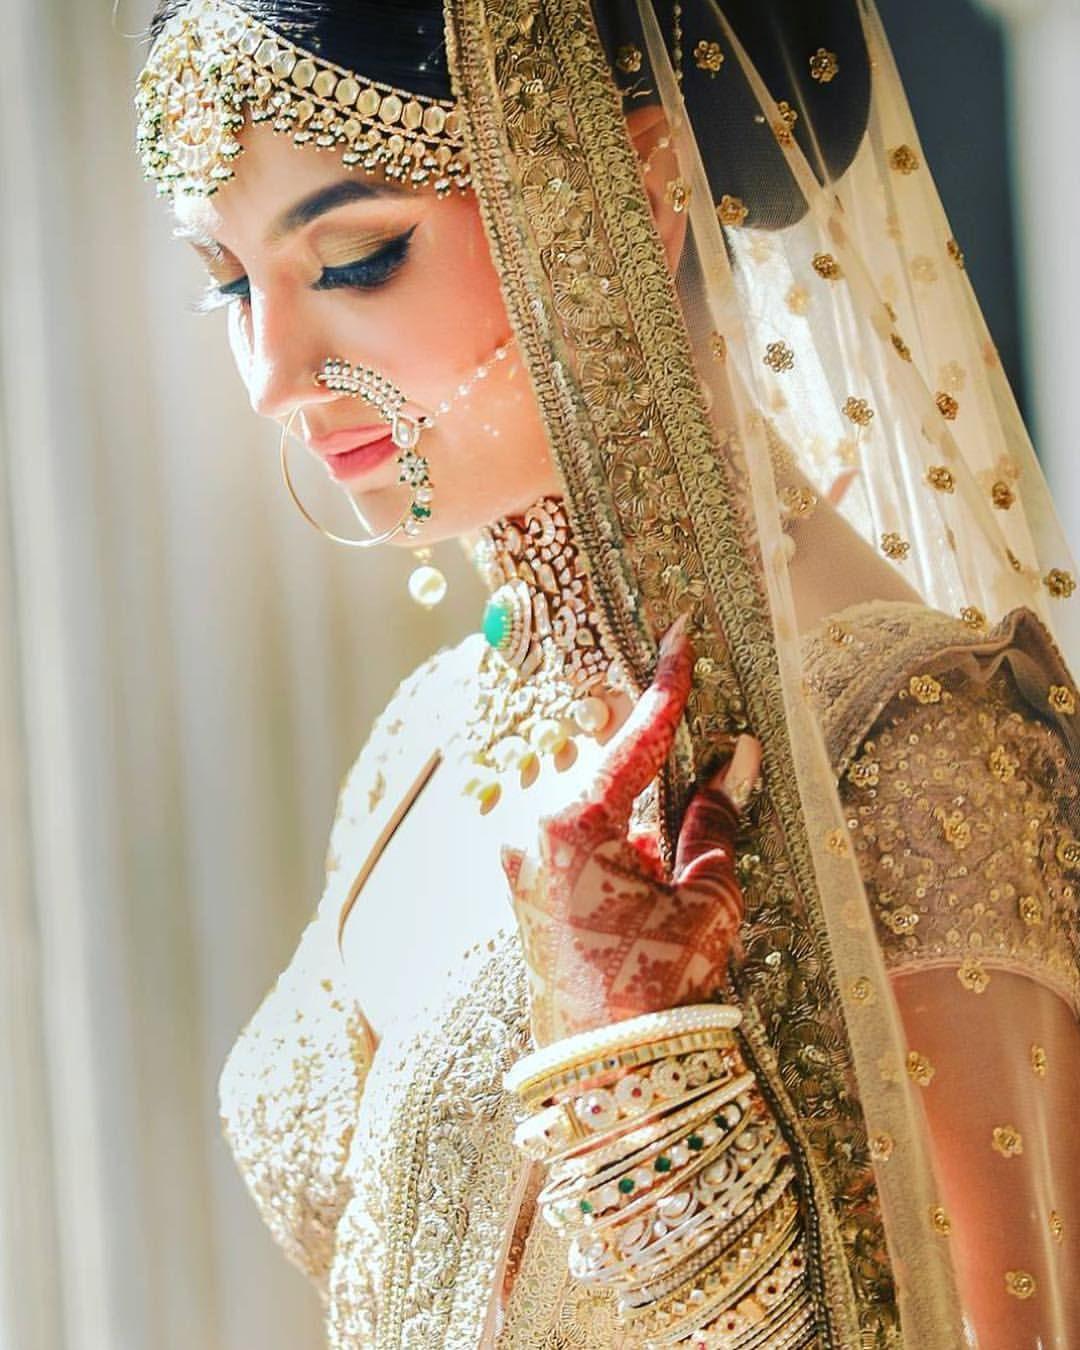 9 598 Likes 41 Comments Indian Wedding Buzz Indianweddingbuzz